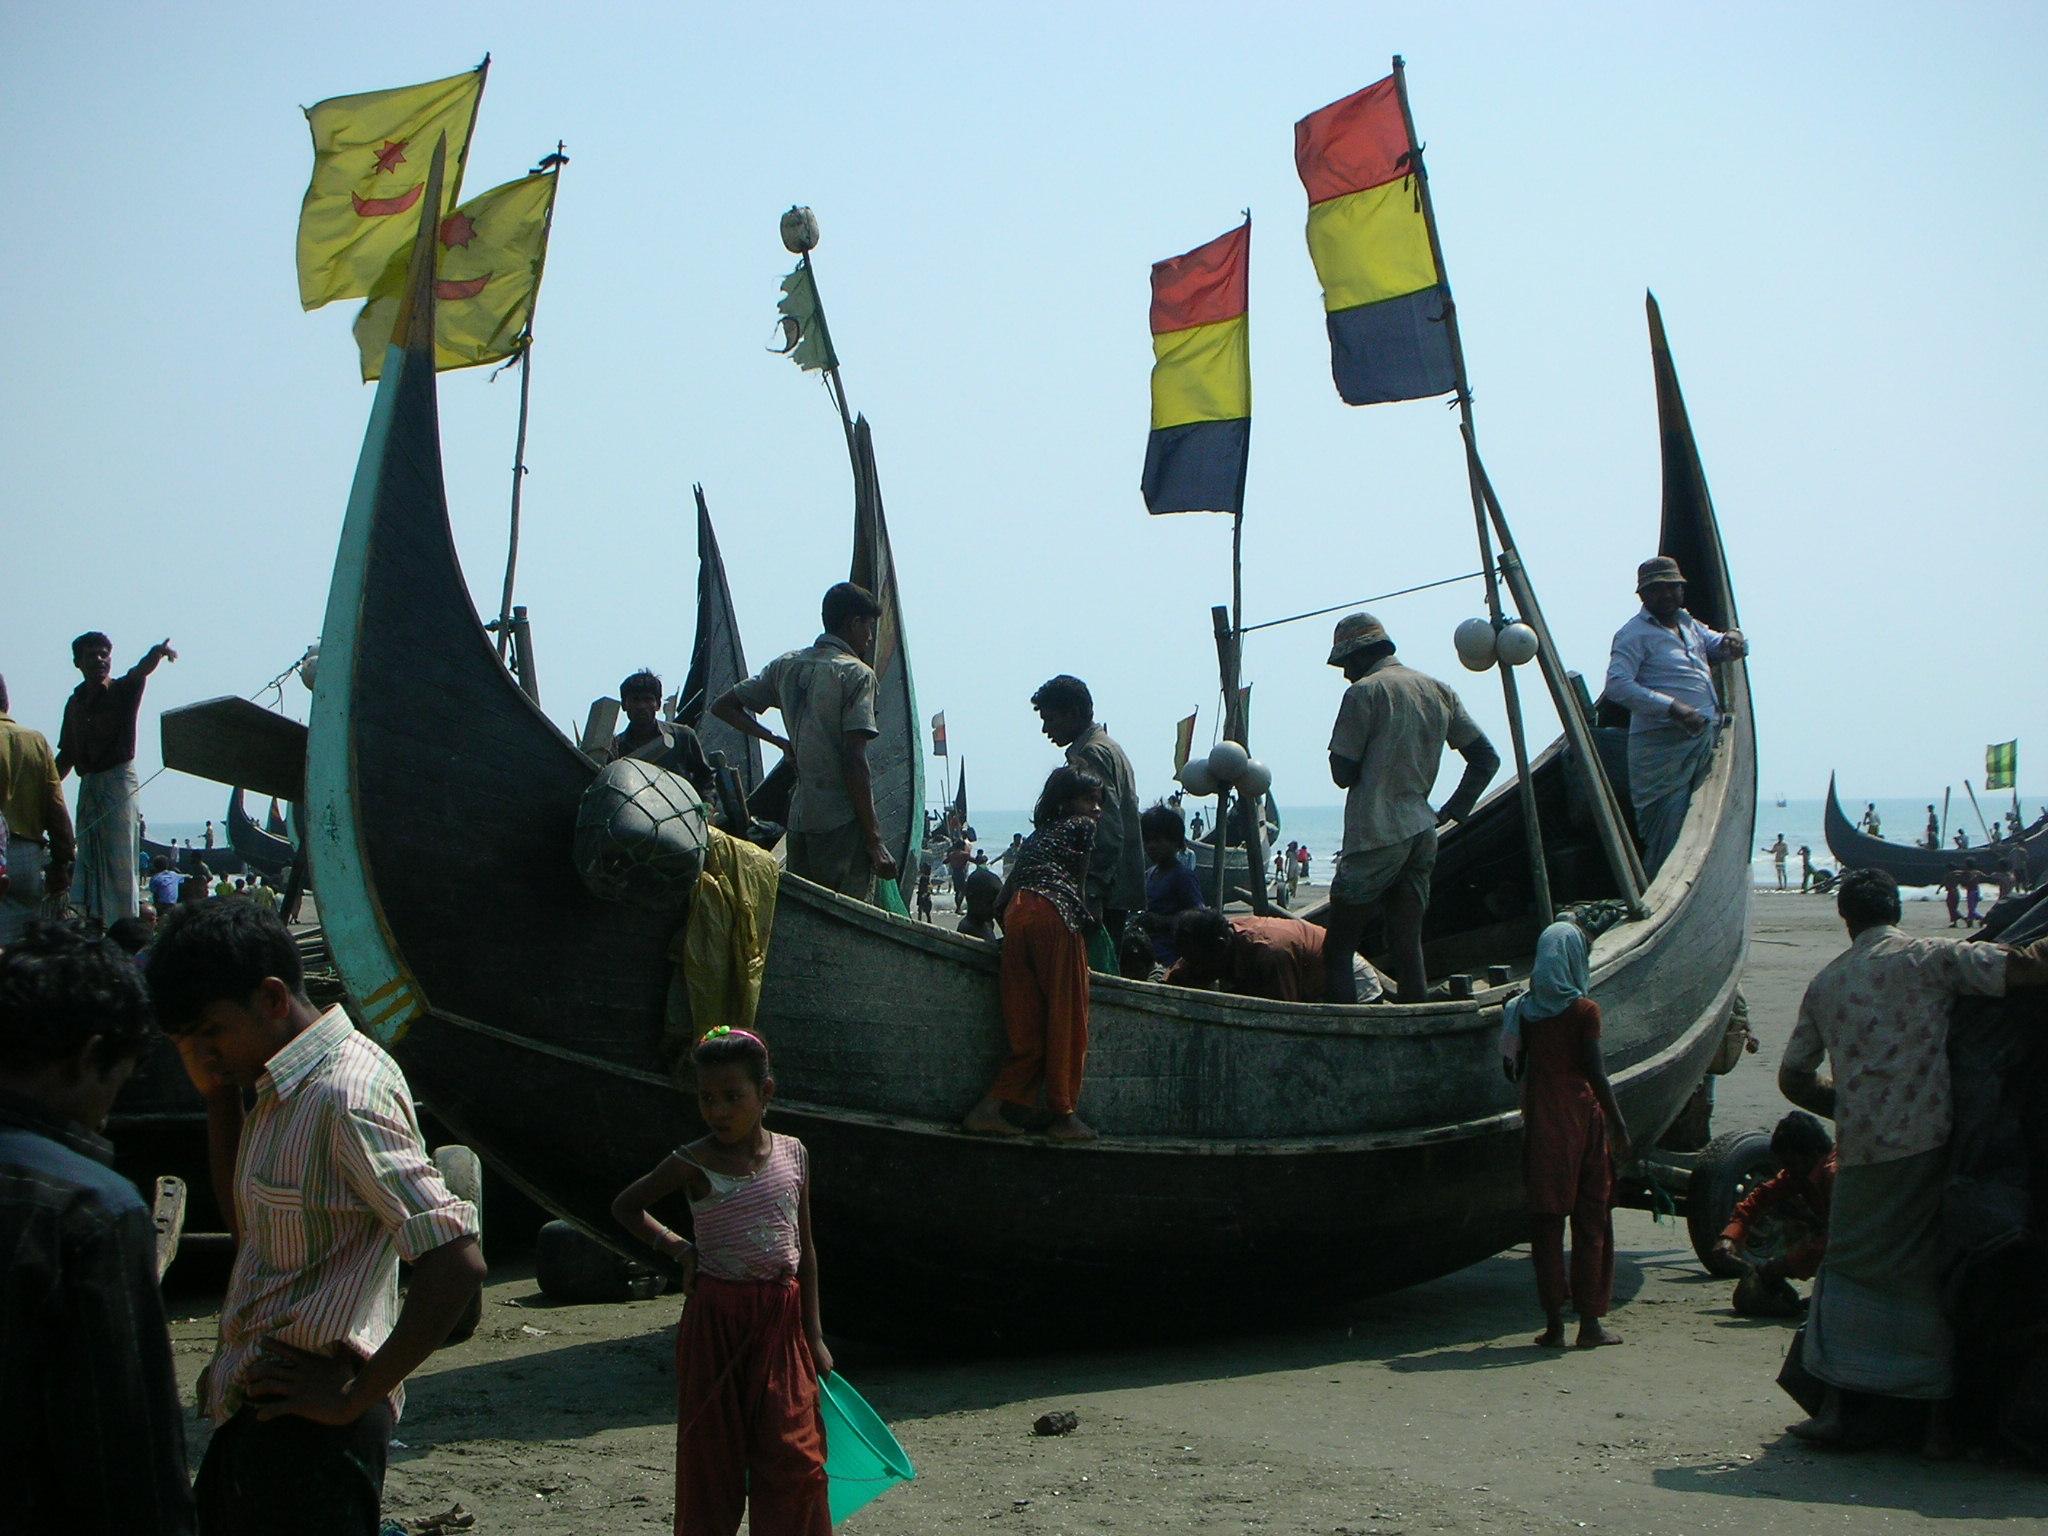 bangra